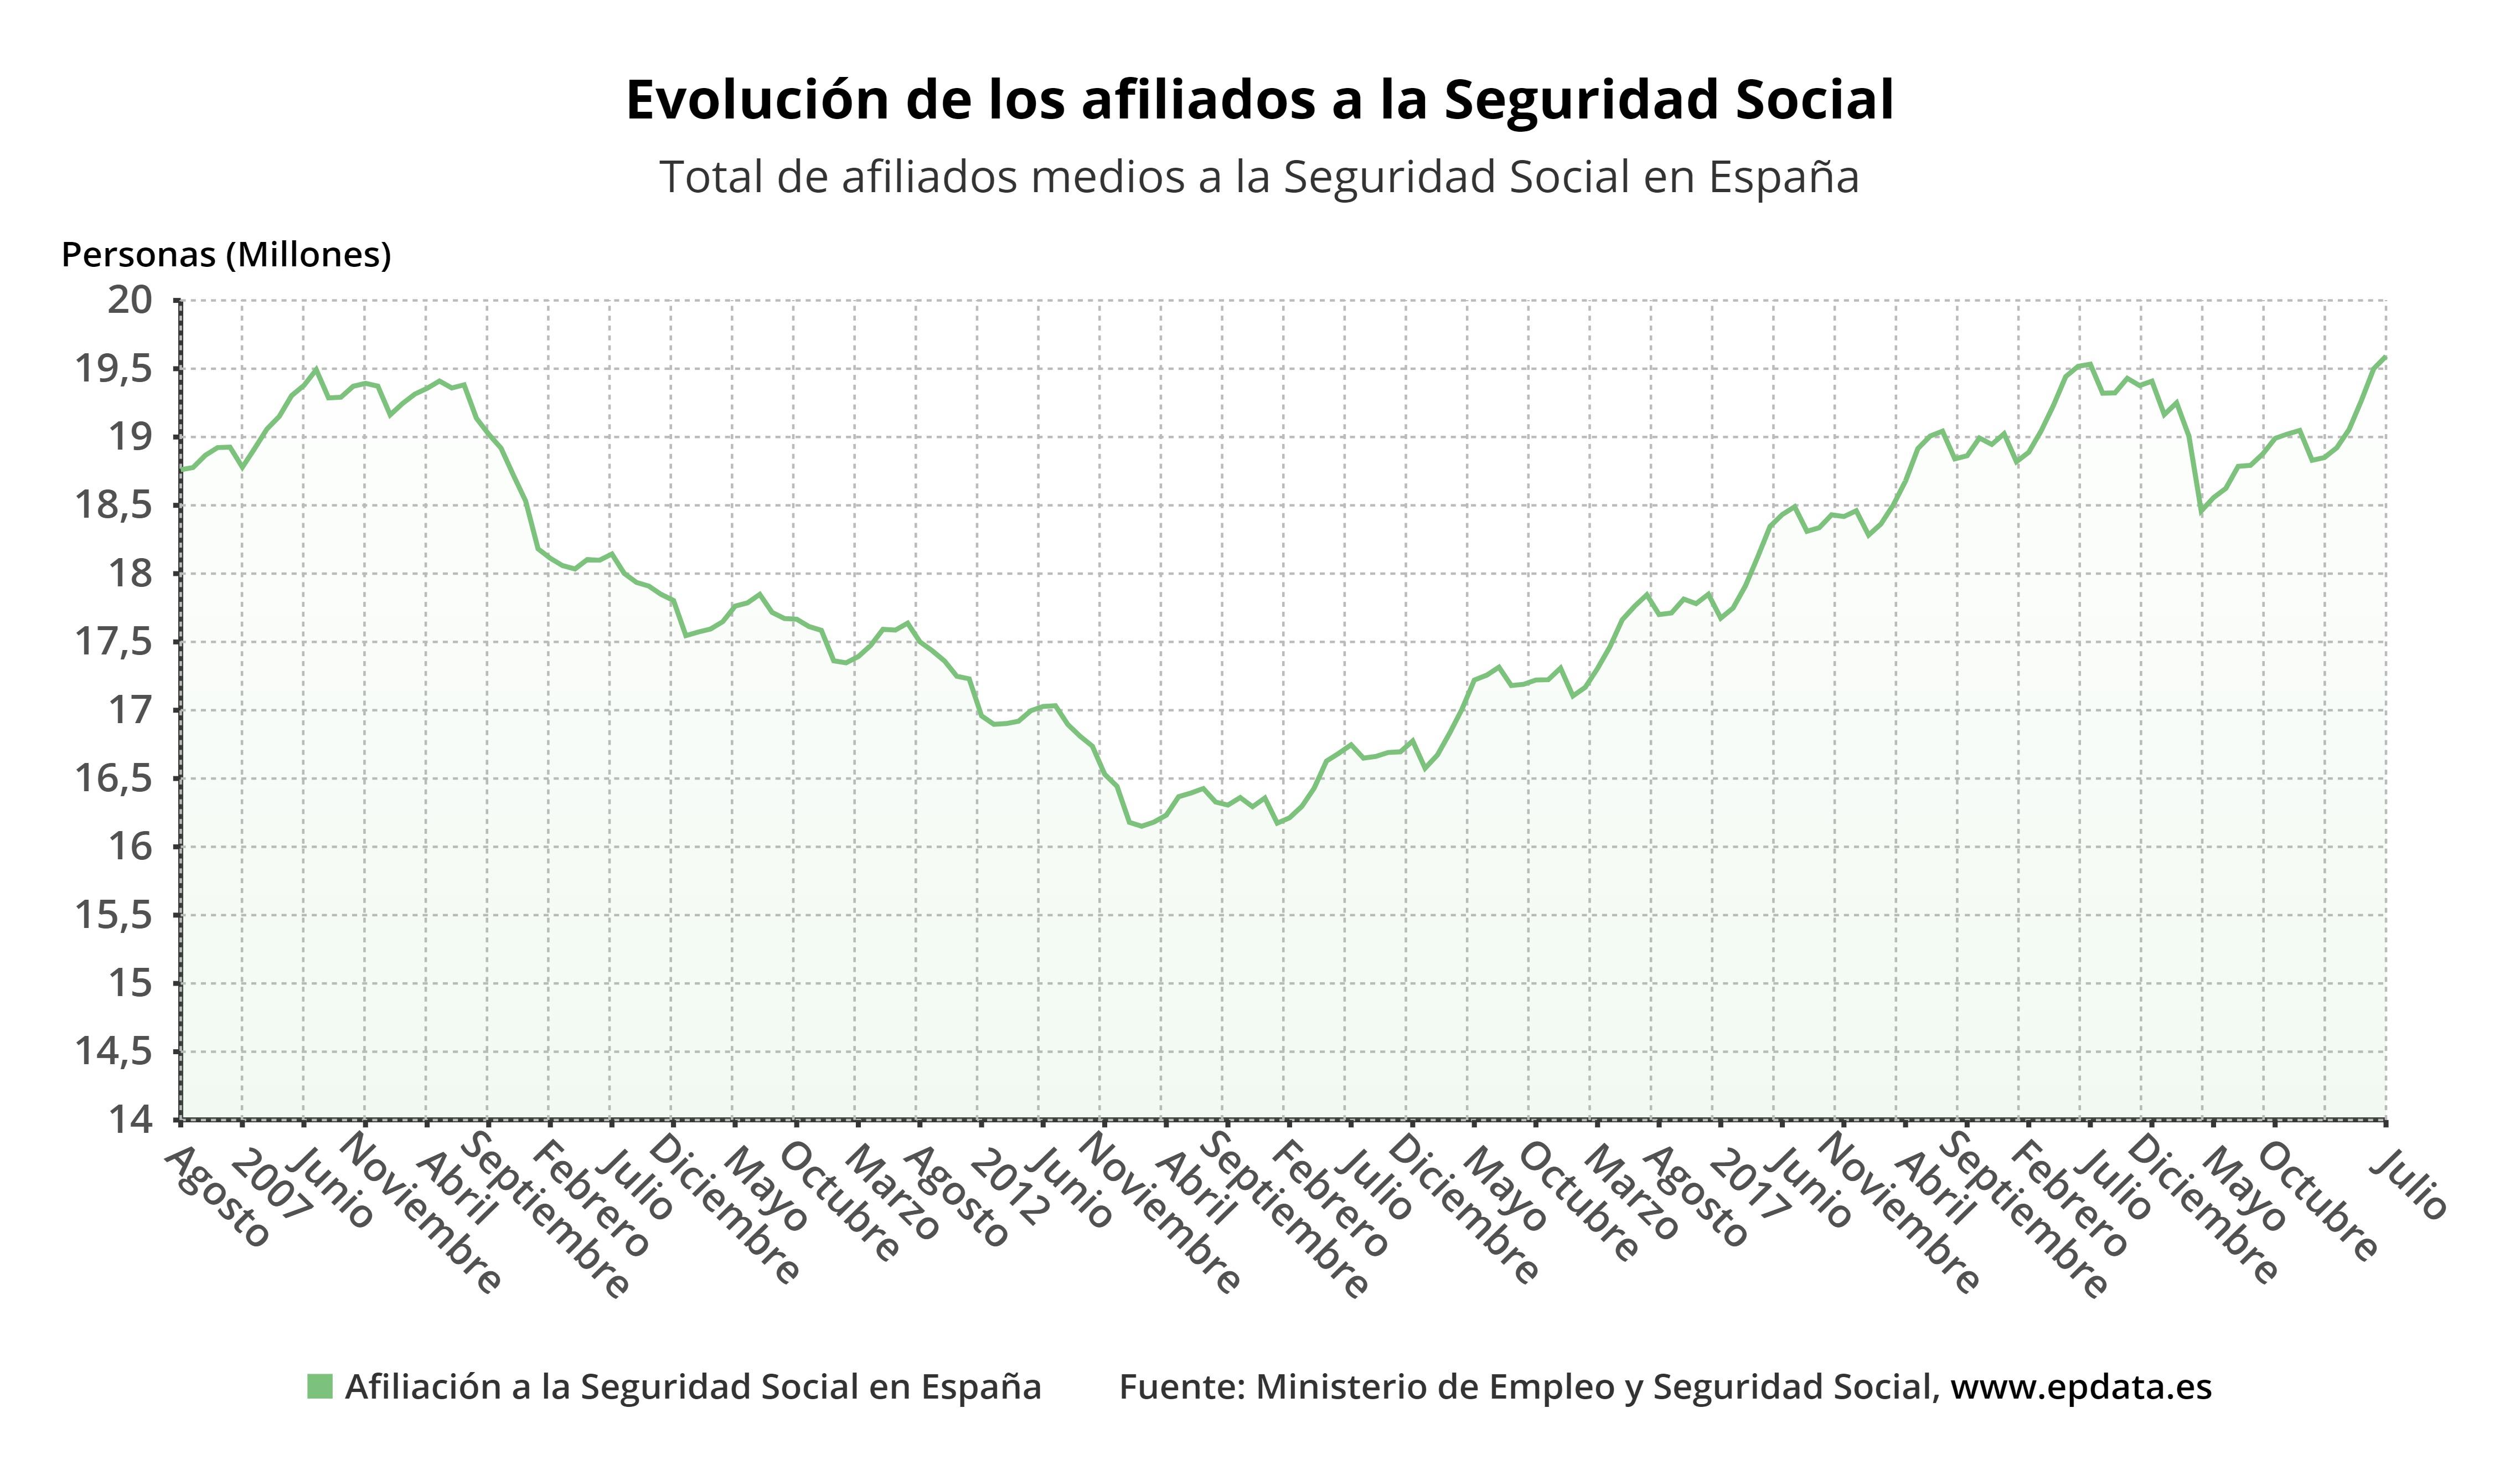 Evolución de los afiliados a la Seguridad Social en España